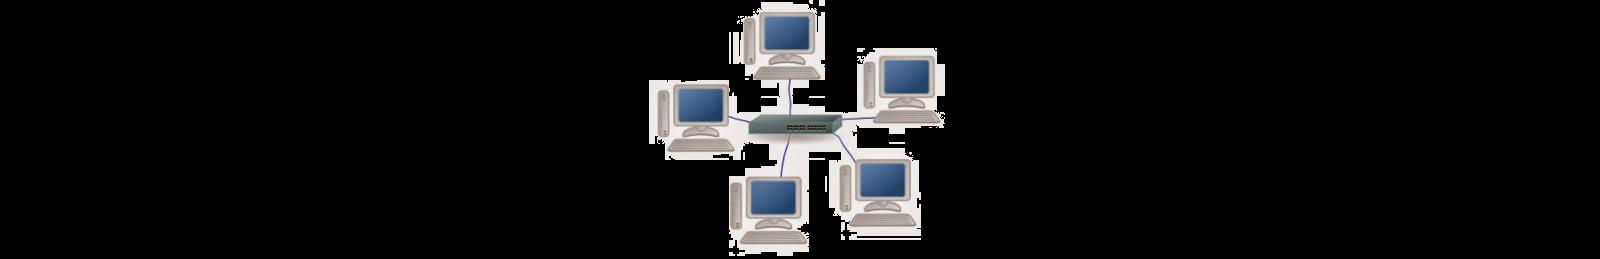 Como configurar o sistema em Rede.